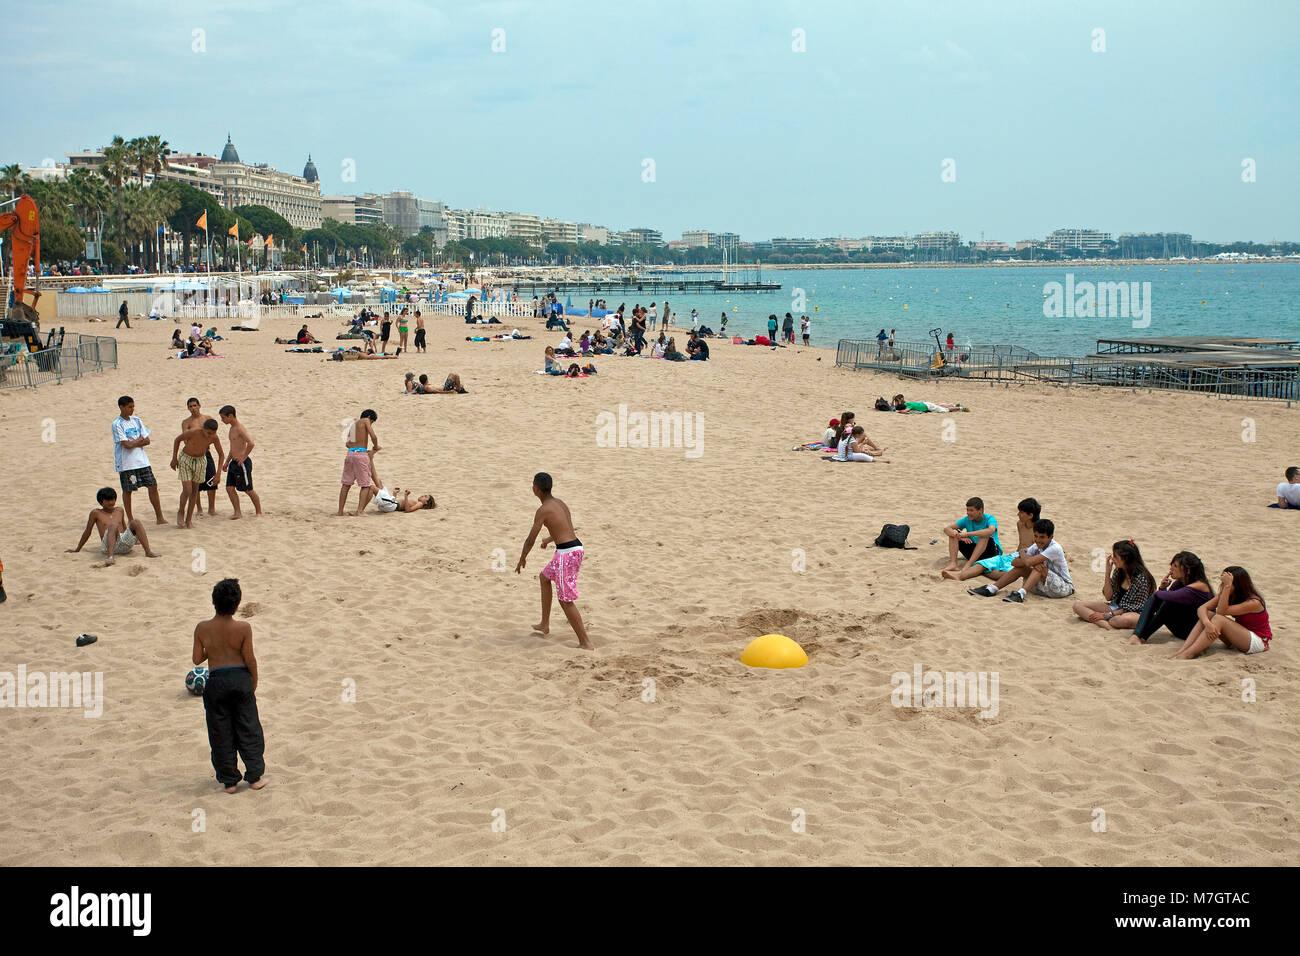 Belebter dem Strand in Cannes, Cannes, Côte d'Azur, Französische Riviera, Suedfrankreich, Frankreich, Stockbild